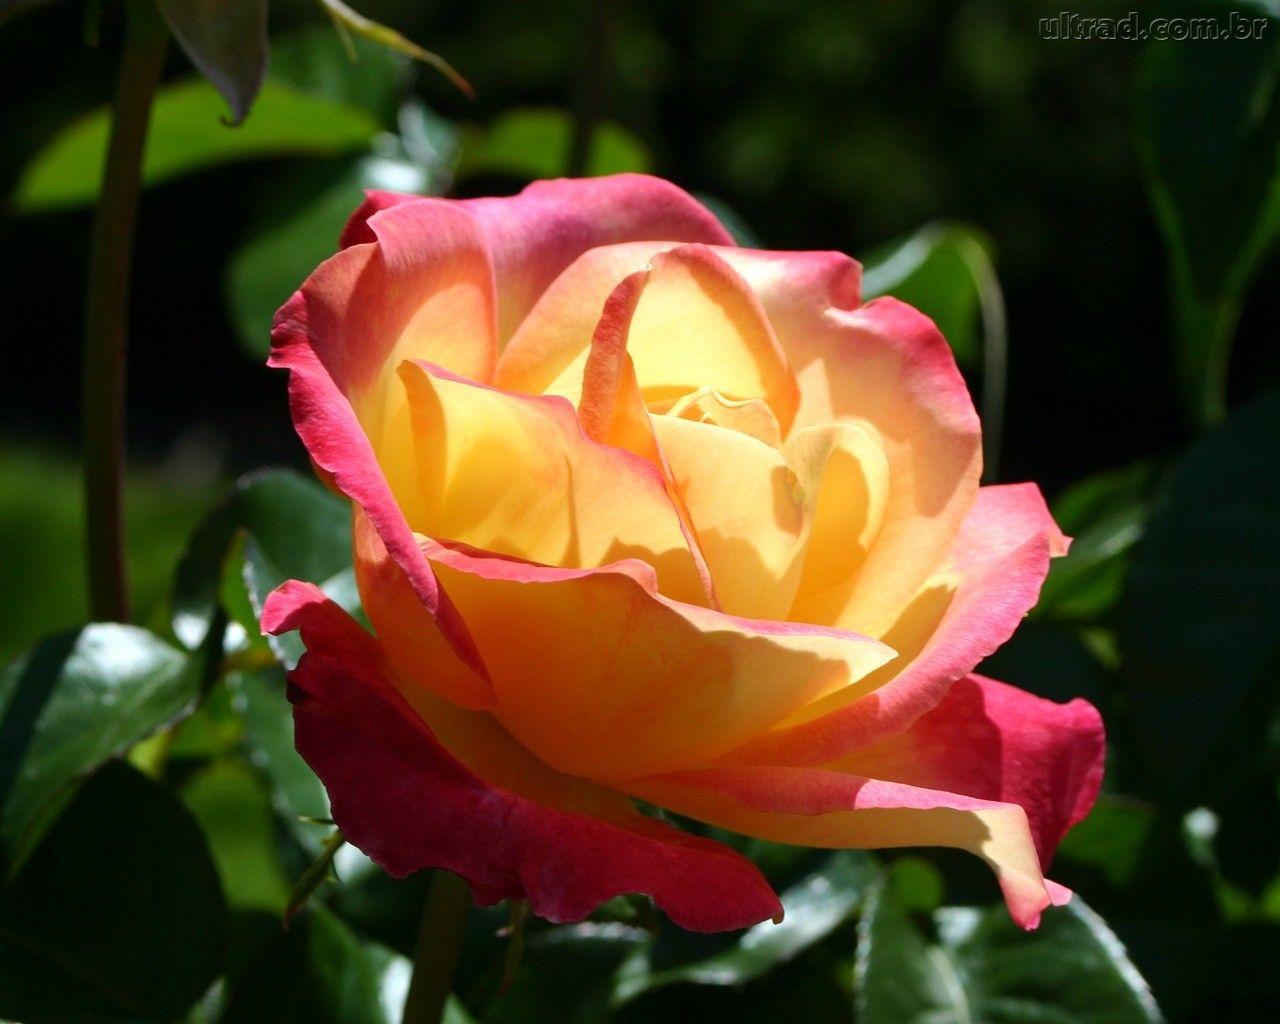 jardim rosas amarelas : jardim rosas amarelas:sexta-feira, 24 de maio de 2013